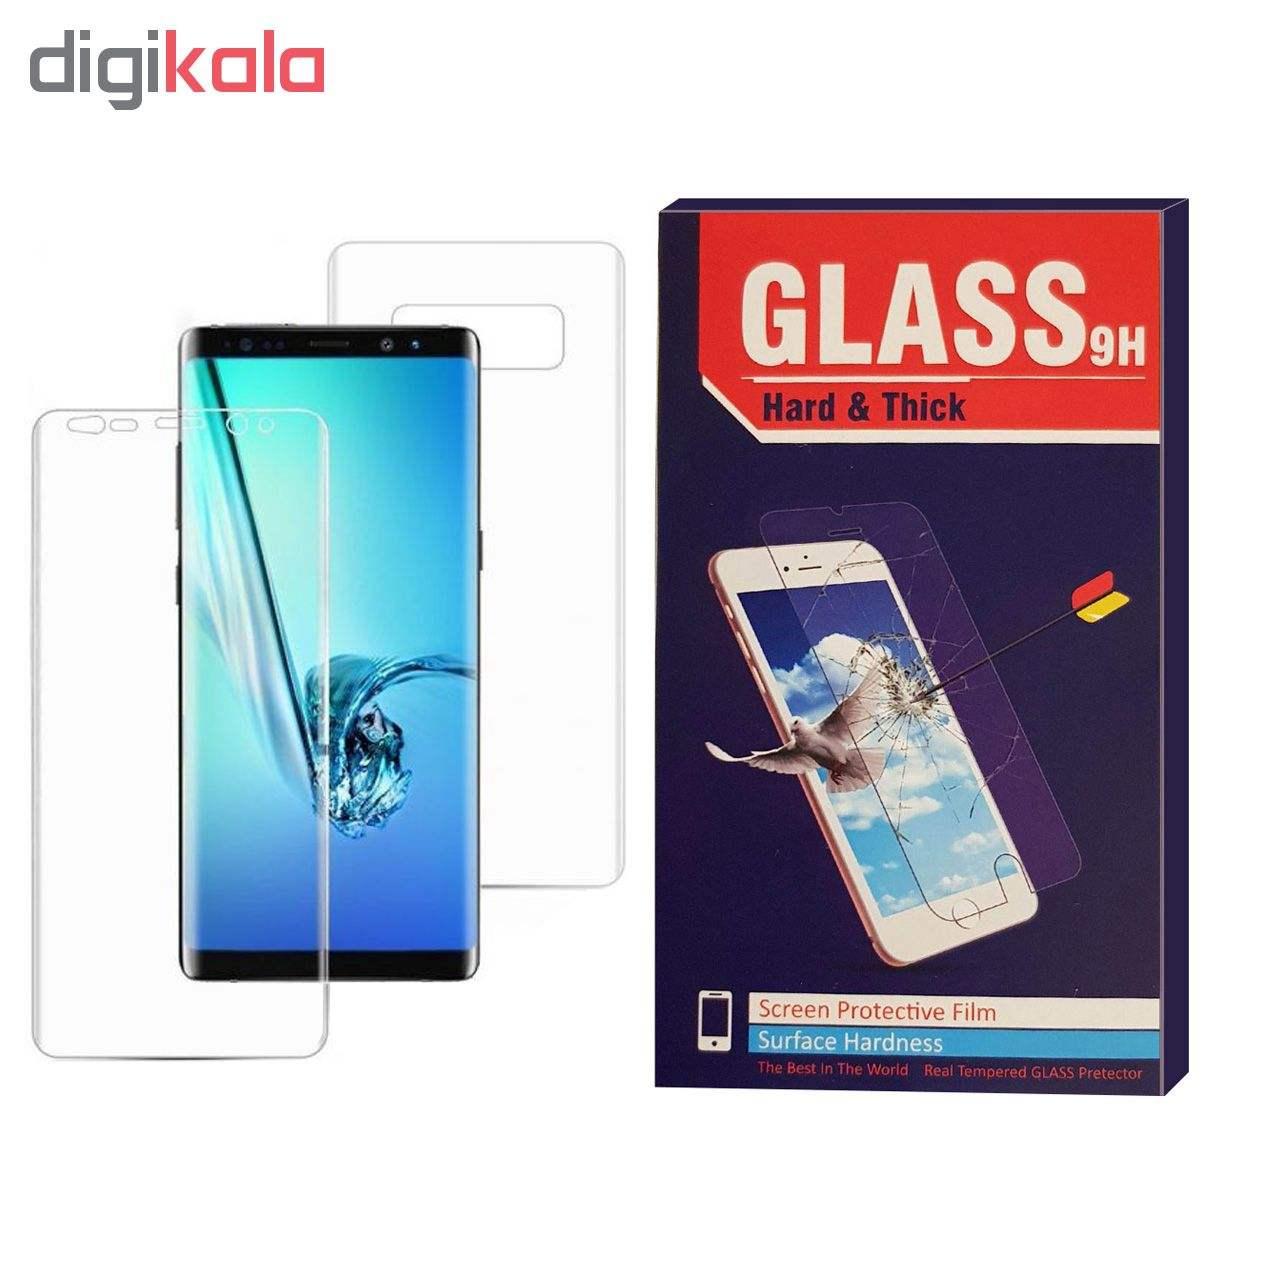 محافظ صفحه نمایش و محافظ پشت گوشی  Hard and thick مدل f-001 مناسب برای گوشی موبایل سامسونگ Galaxy note 8 main 1 1